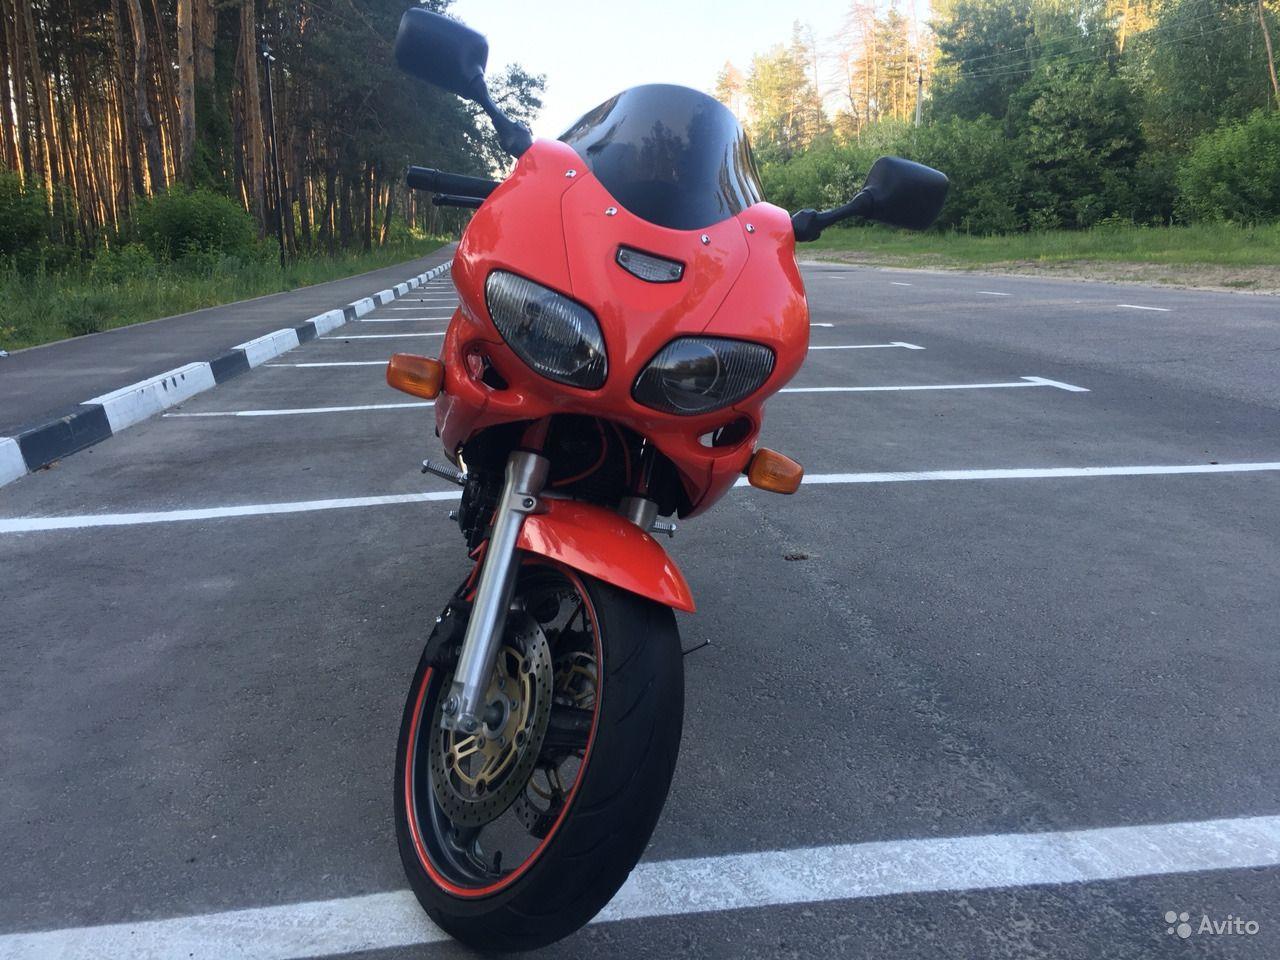 Мотоцикл Suzuki (Сузуки) SV 400S — обзор